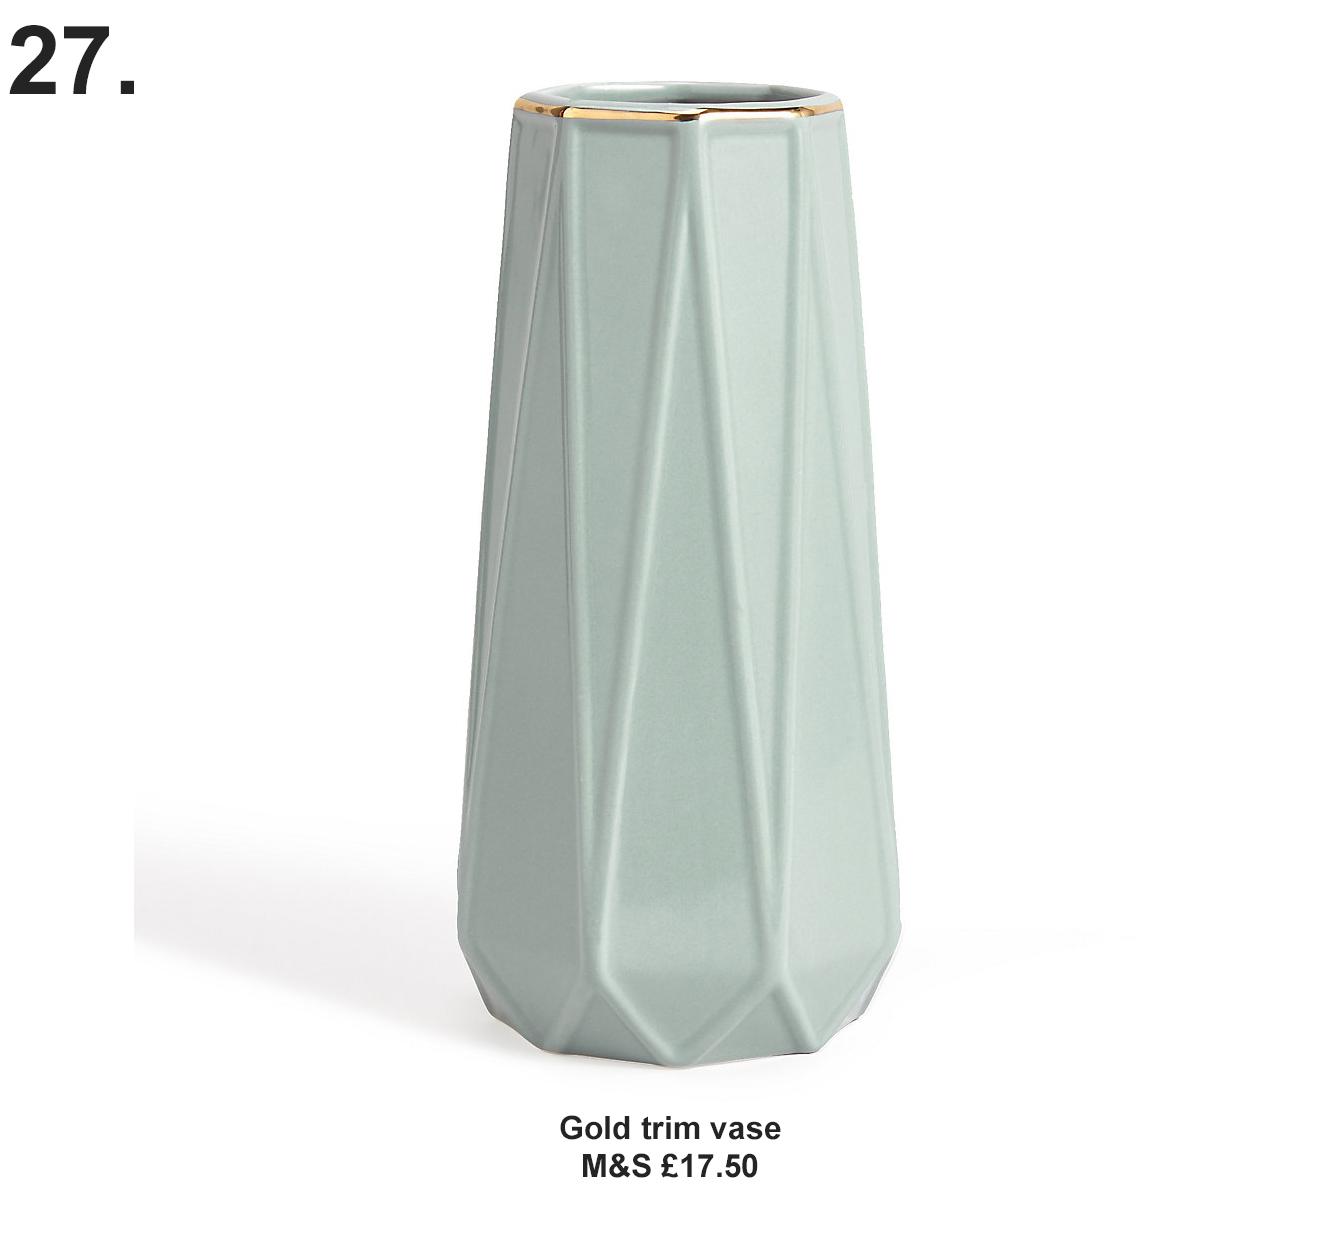 Gold trim Vase, M&S £17.50